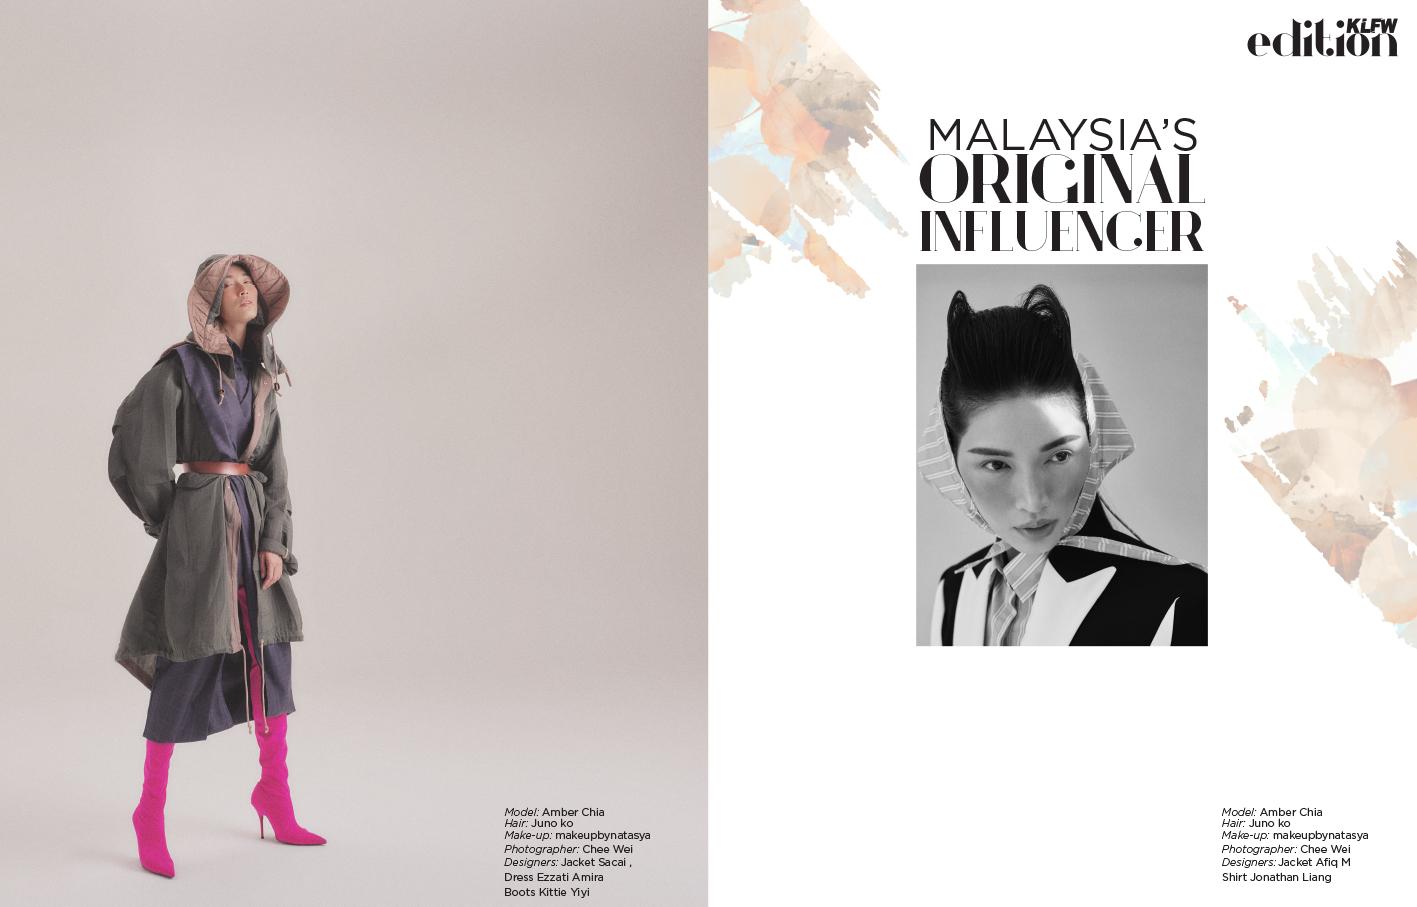 Model: Amber Chia Hair:  Juno ko , Make-up:  makeupbynatasya , Photographer:  Chee Wei , Designers: Left / Jacket  Sacai  Dress  Ezzati Amira  , Boots  Kittie Yiyi , Right / Jacket  Afiq M , Shirt  Jonathan Liang